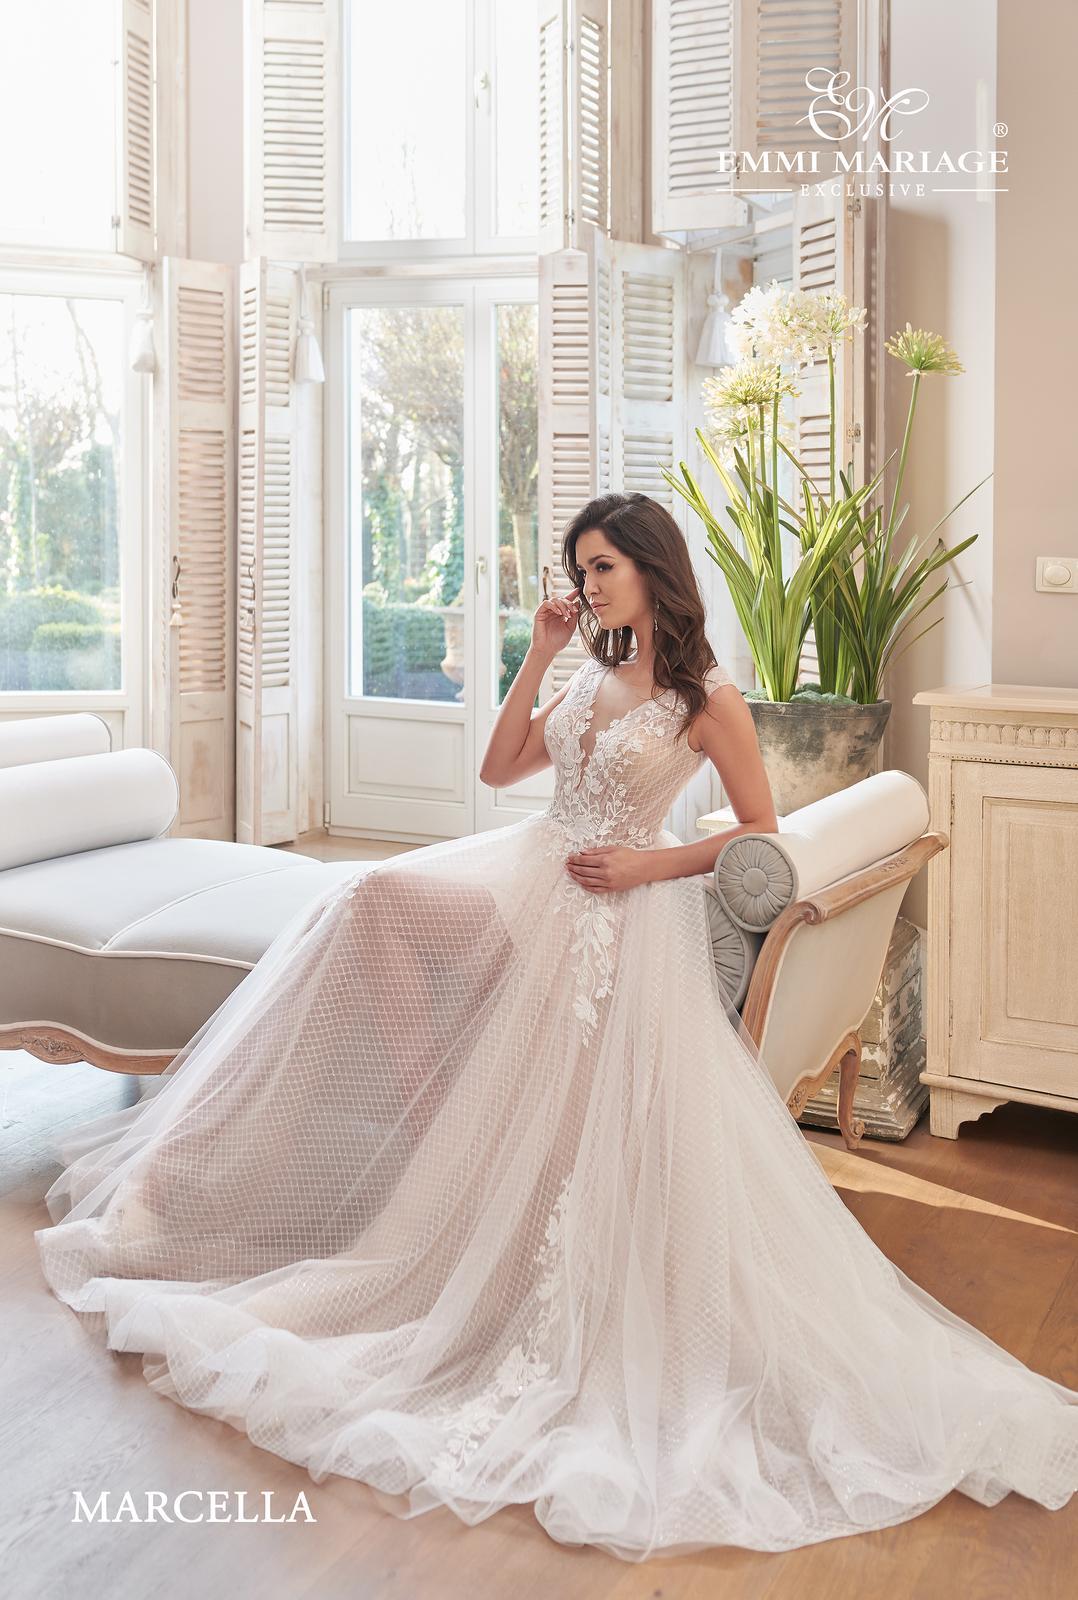 EMMI MARIAGE 2020 - Obrázek č. 88